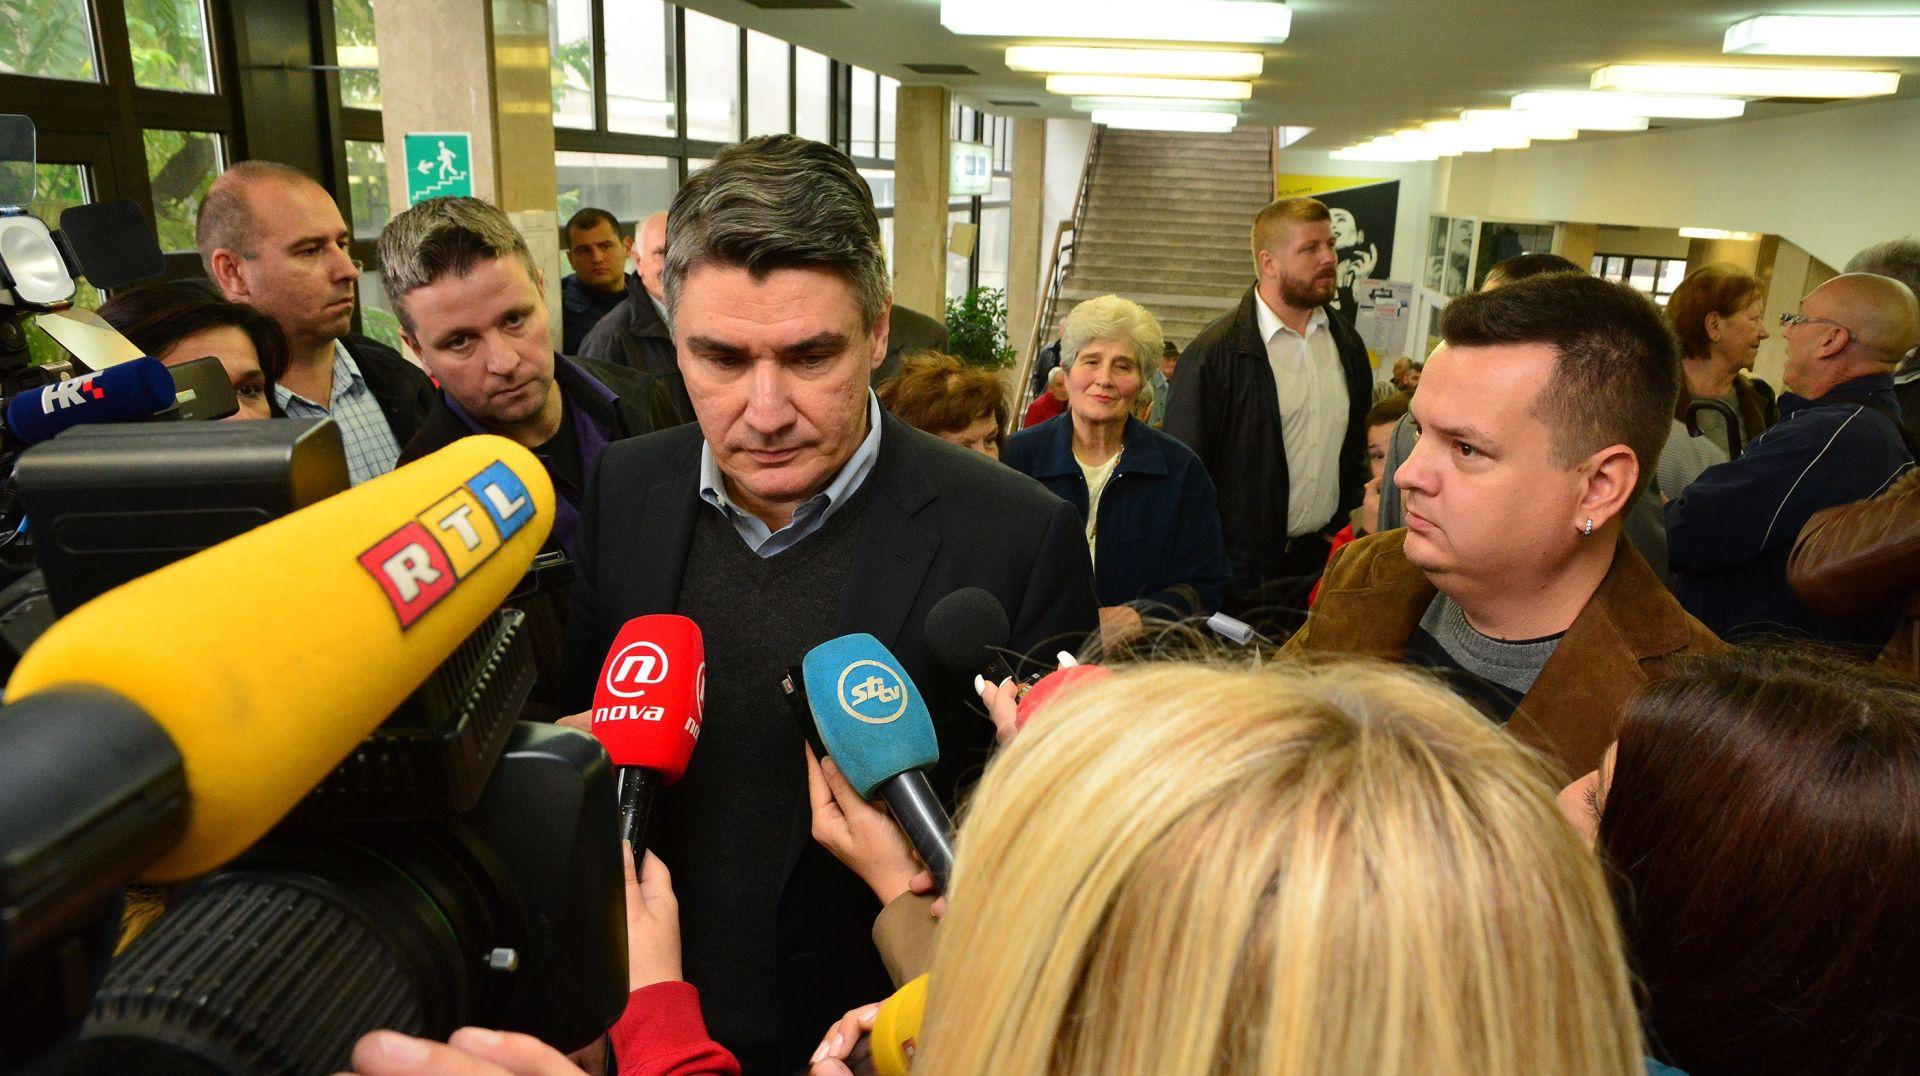 IZBORI 2015 Milanović: Mađarska je bila dobra prema nama u vrijeme rata kada je to ništa nije koštalo